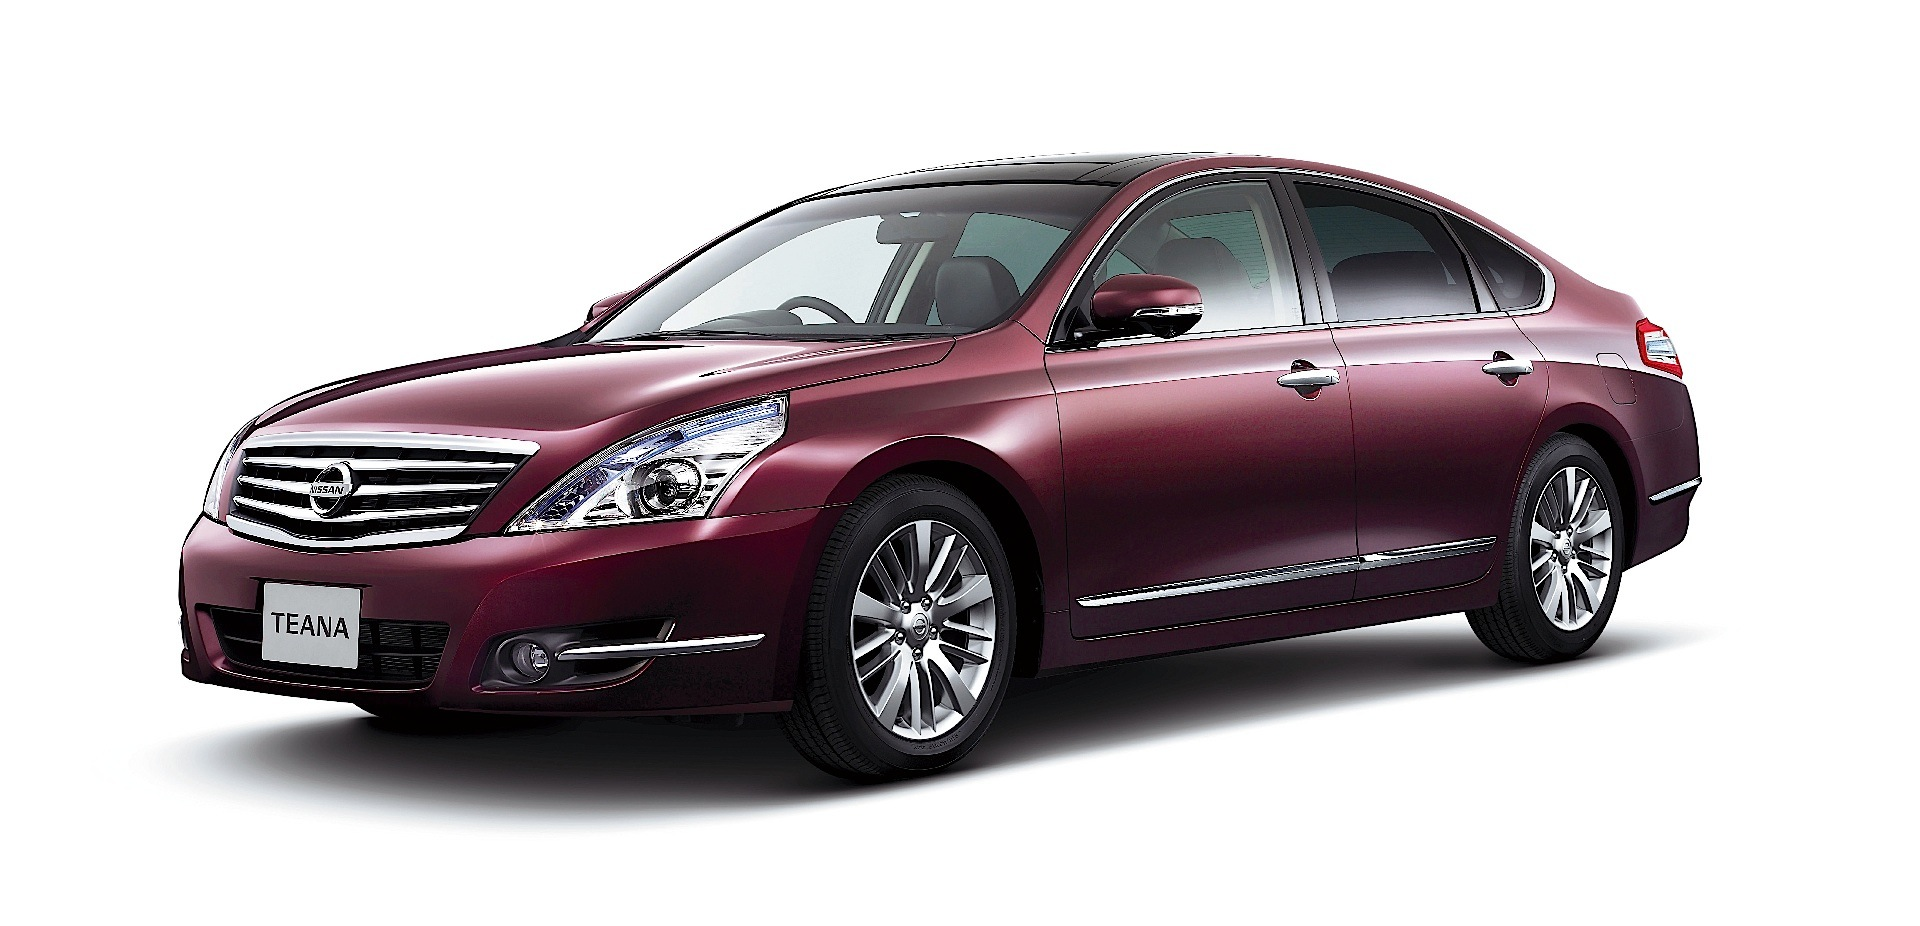 Nissan Teana 2009 2010 2011 2012 2013 2014 2015